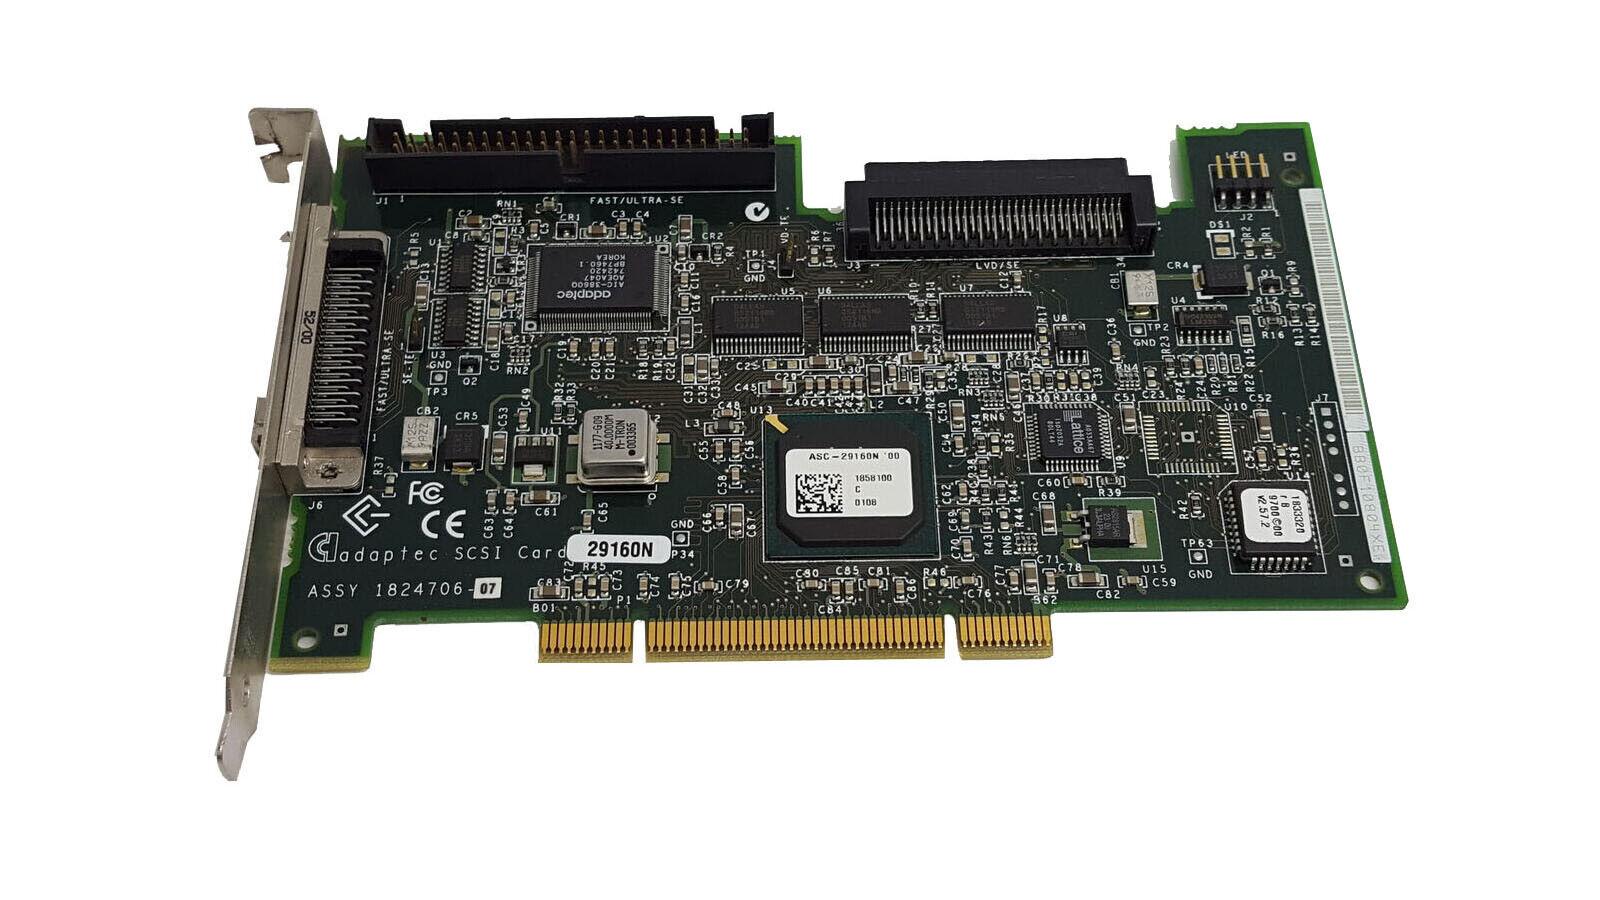 Adaptec scsi 12 controller card 29160n